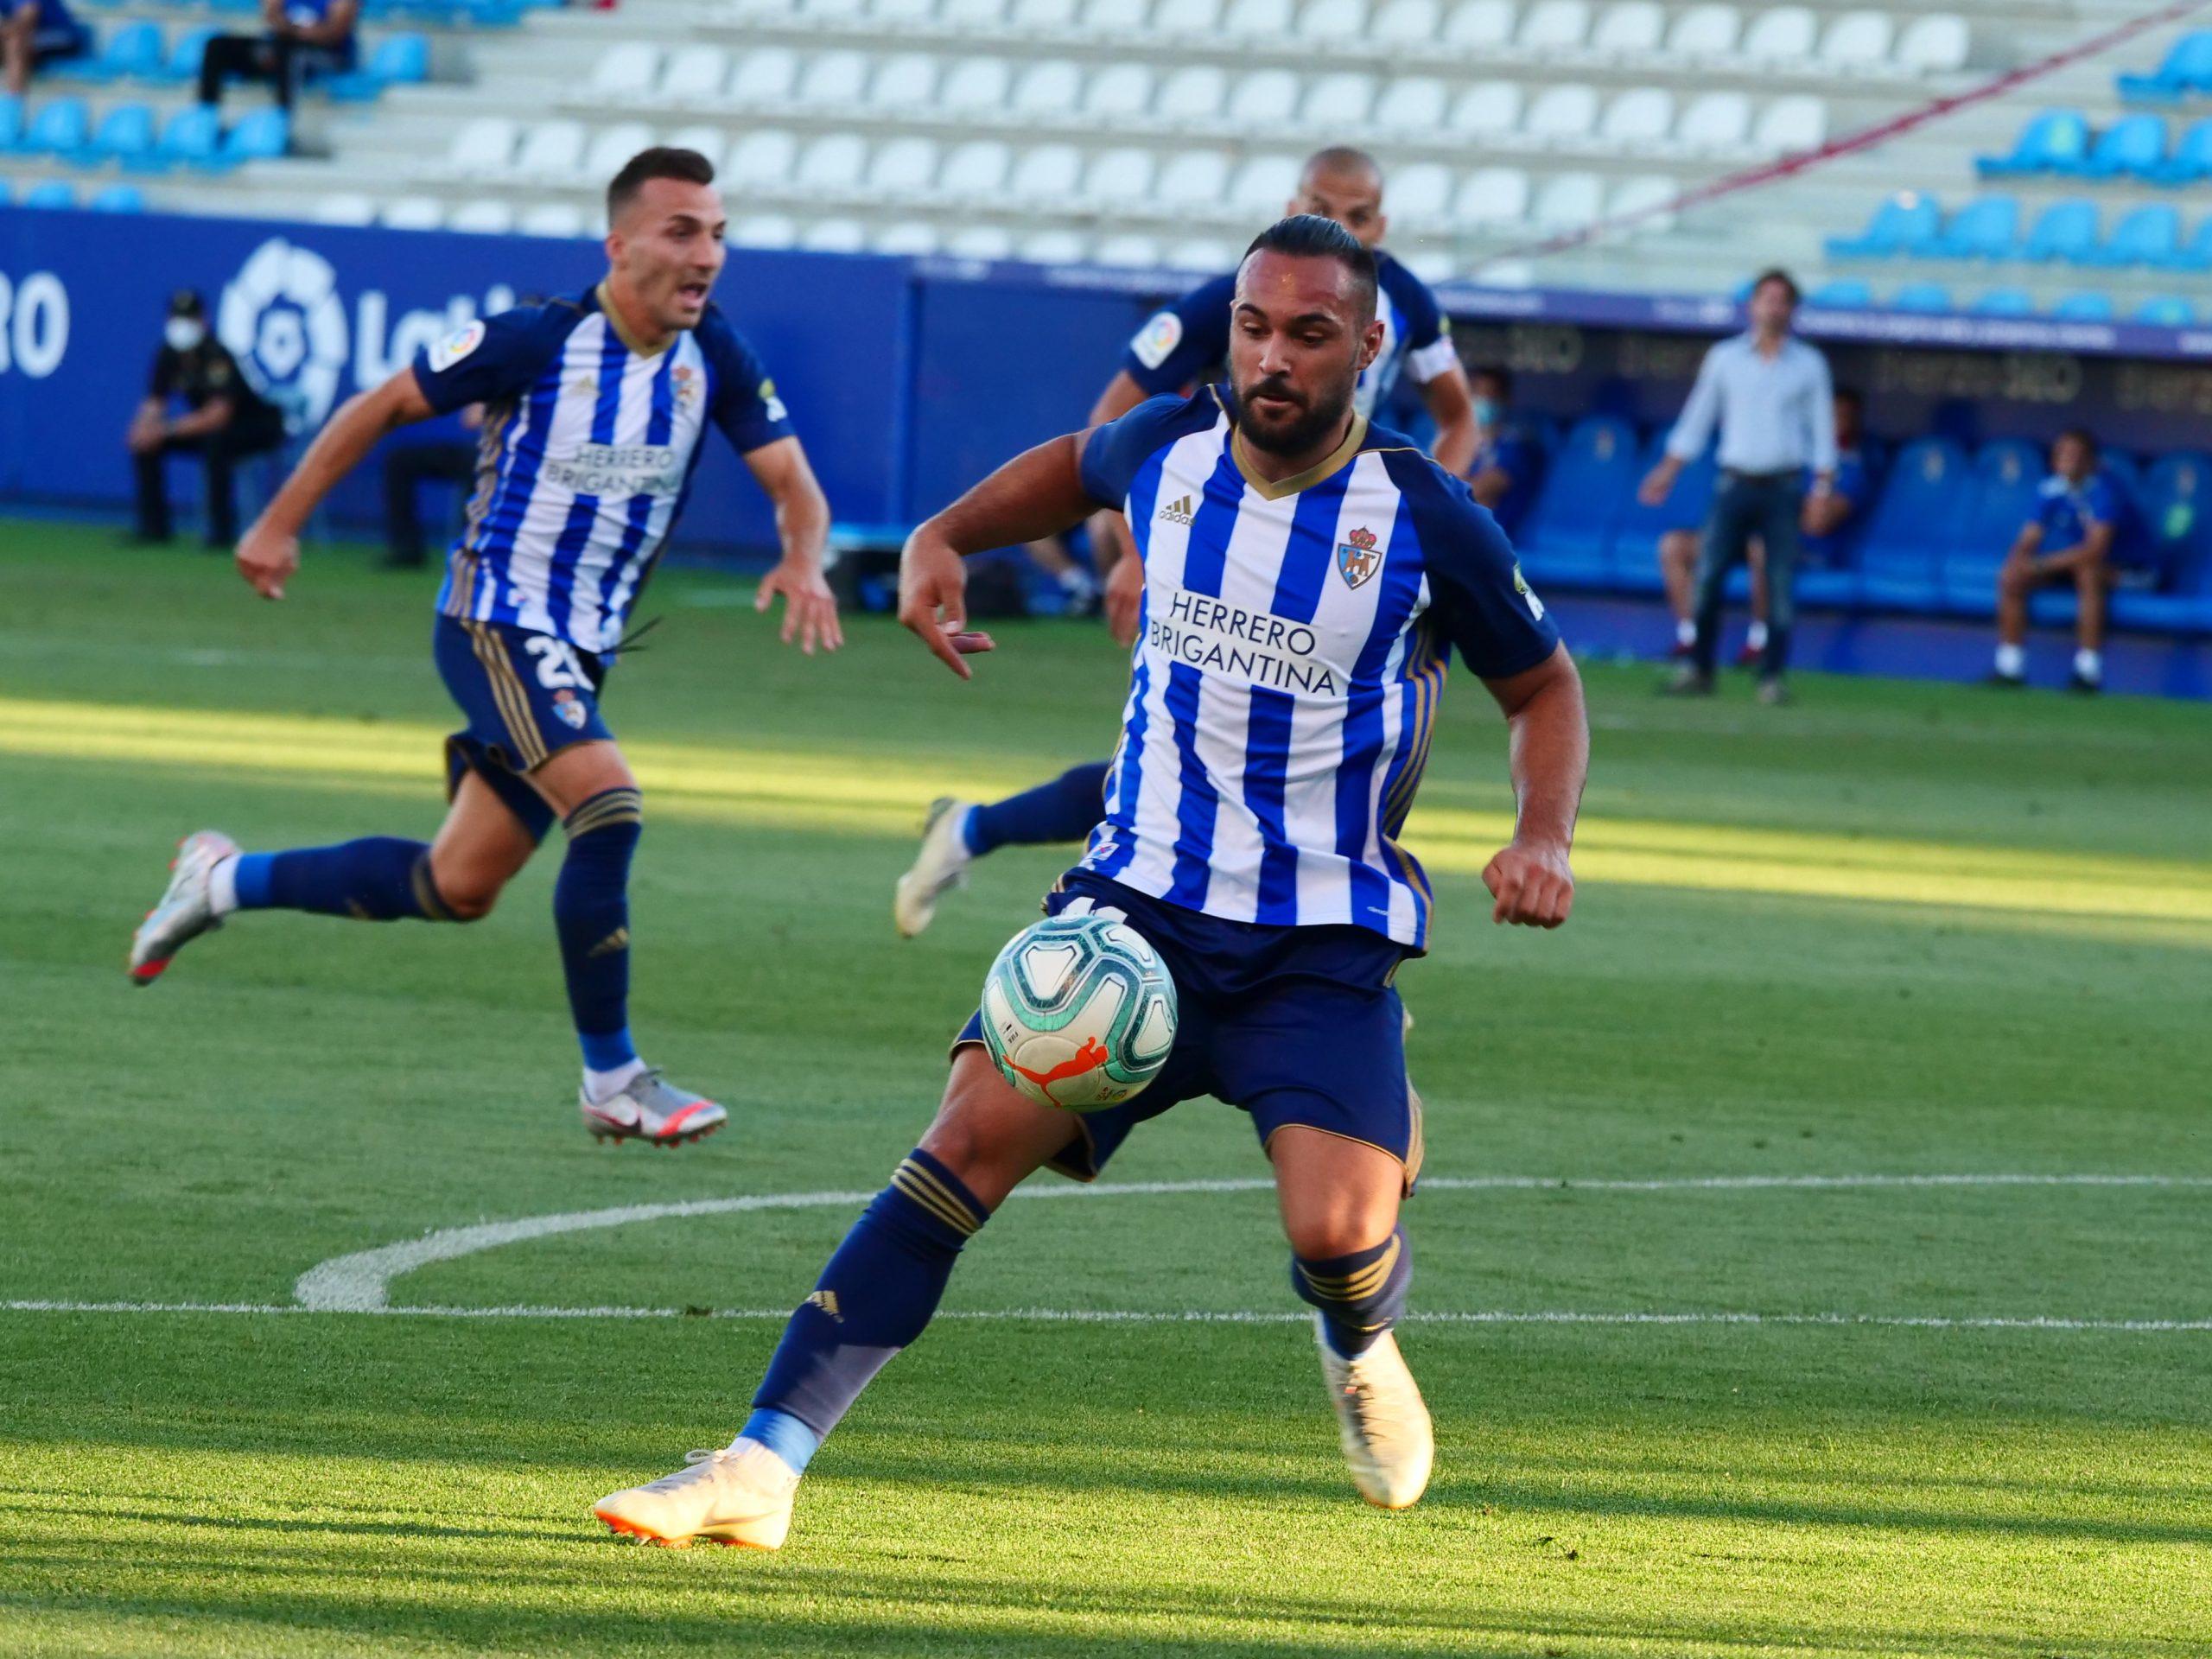 La Deportiva sigue en Segunda división liga SmartBank, historia gráfica de una salvación 1